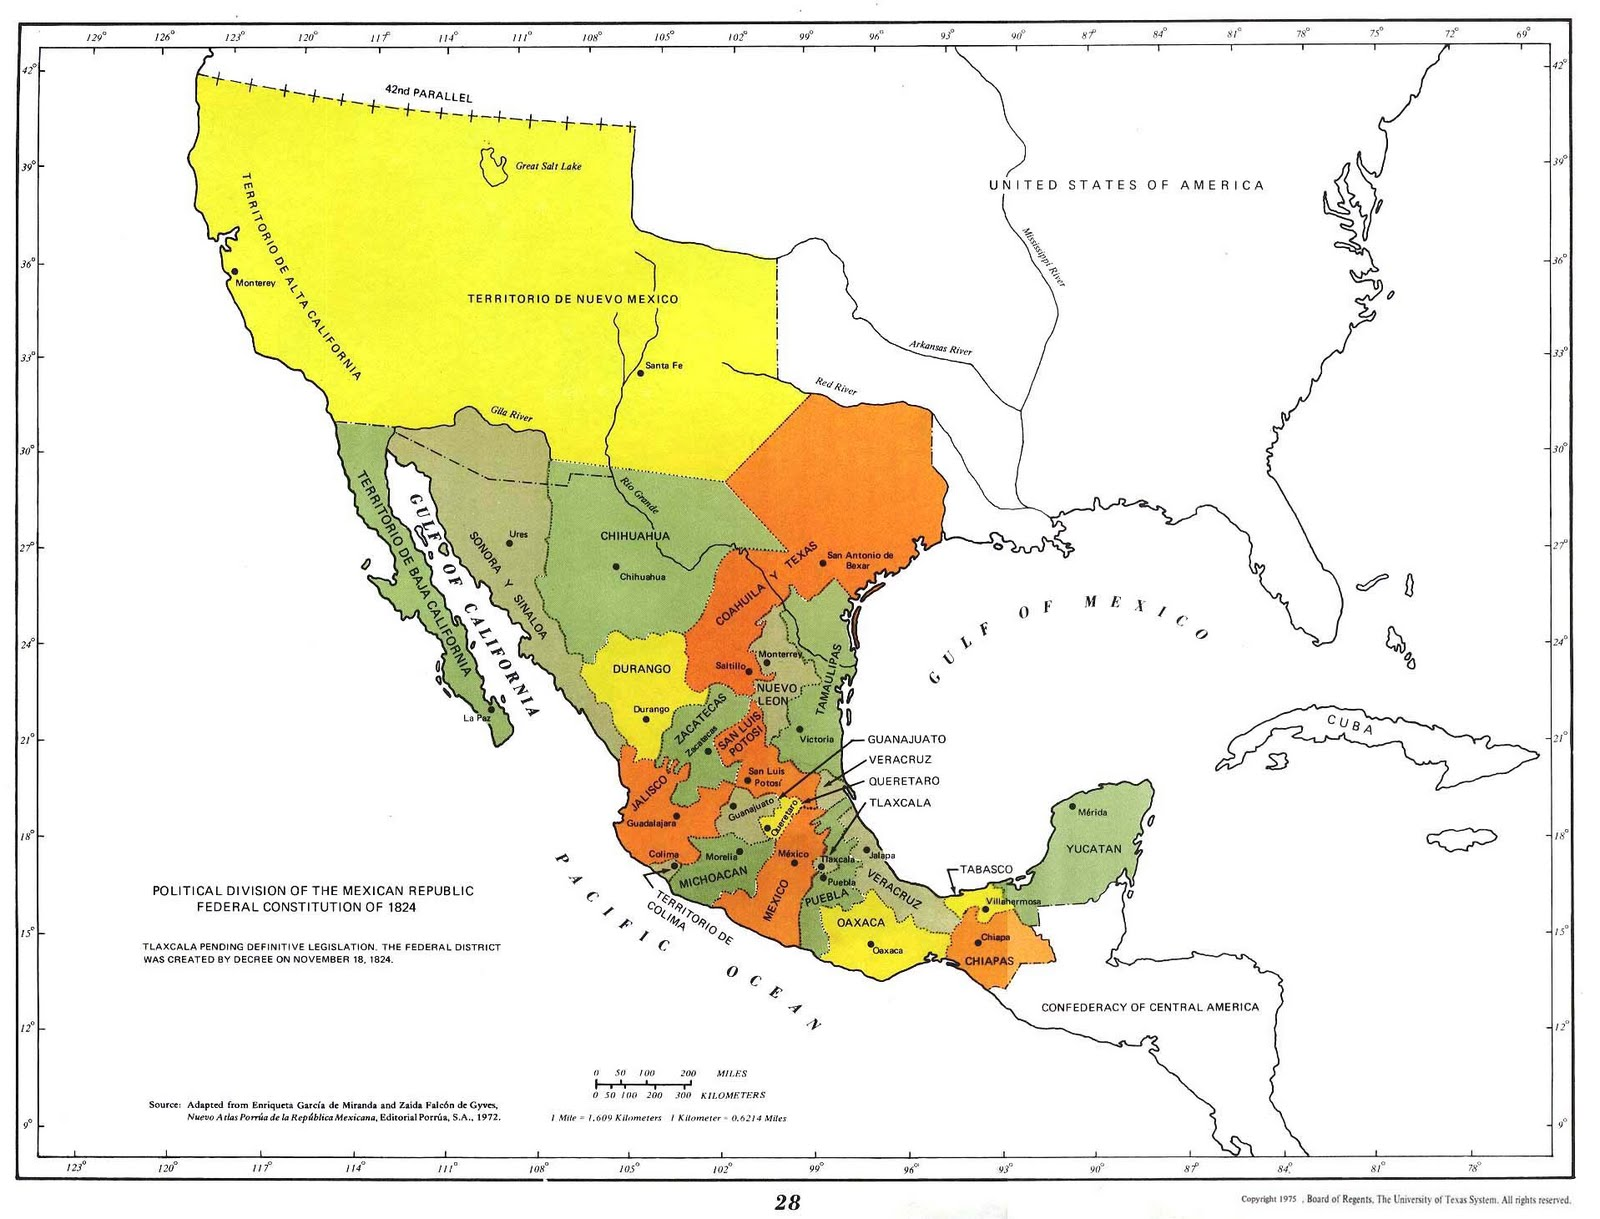 http://2.bp.blogspot.com/-tQ3hE6ZNATY/TiTZraShyGI/AAAAAAAAAMU/alFSDbUKp9M/s1600/Mapa-de-las-Divisiones-Politica-de-la-Republica-Mexicana-Segun-Constitucion-Federal-de-1824-Mexico-3244.jpg